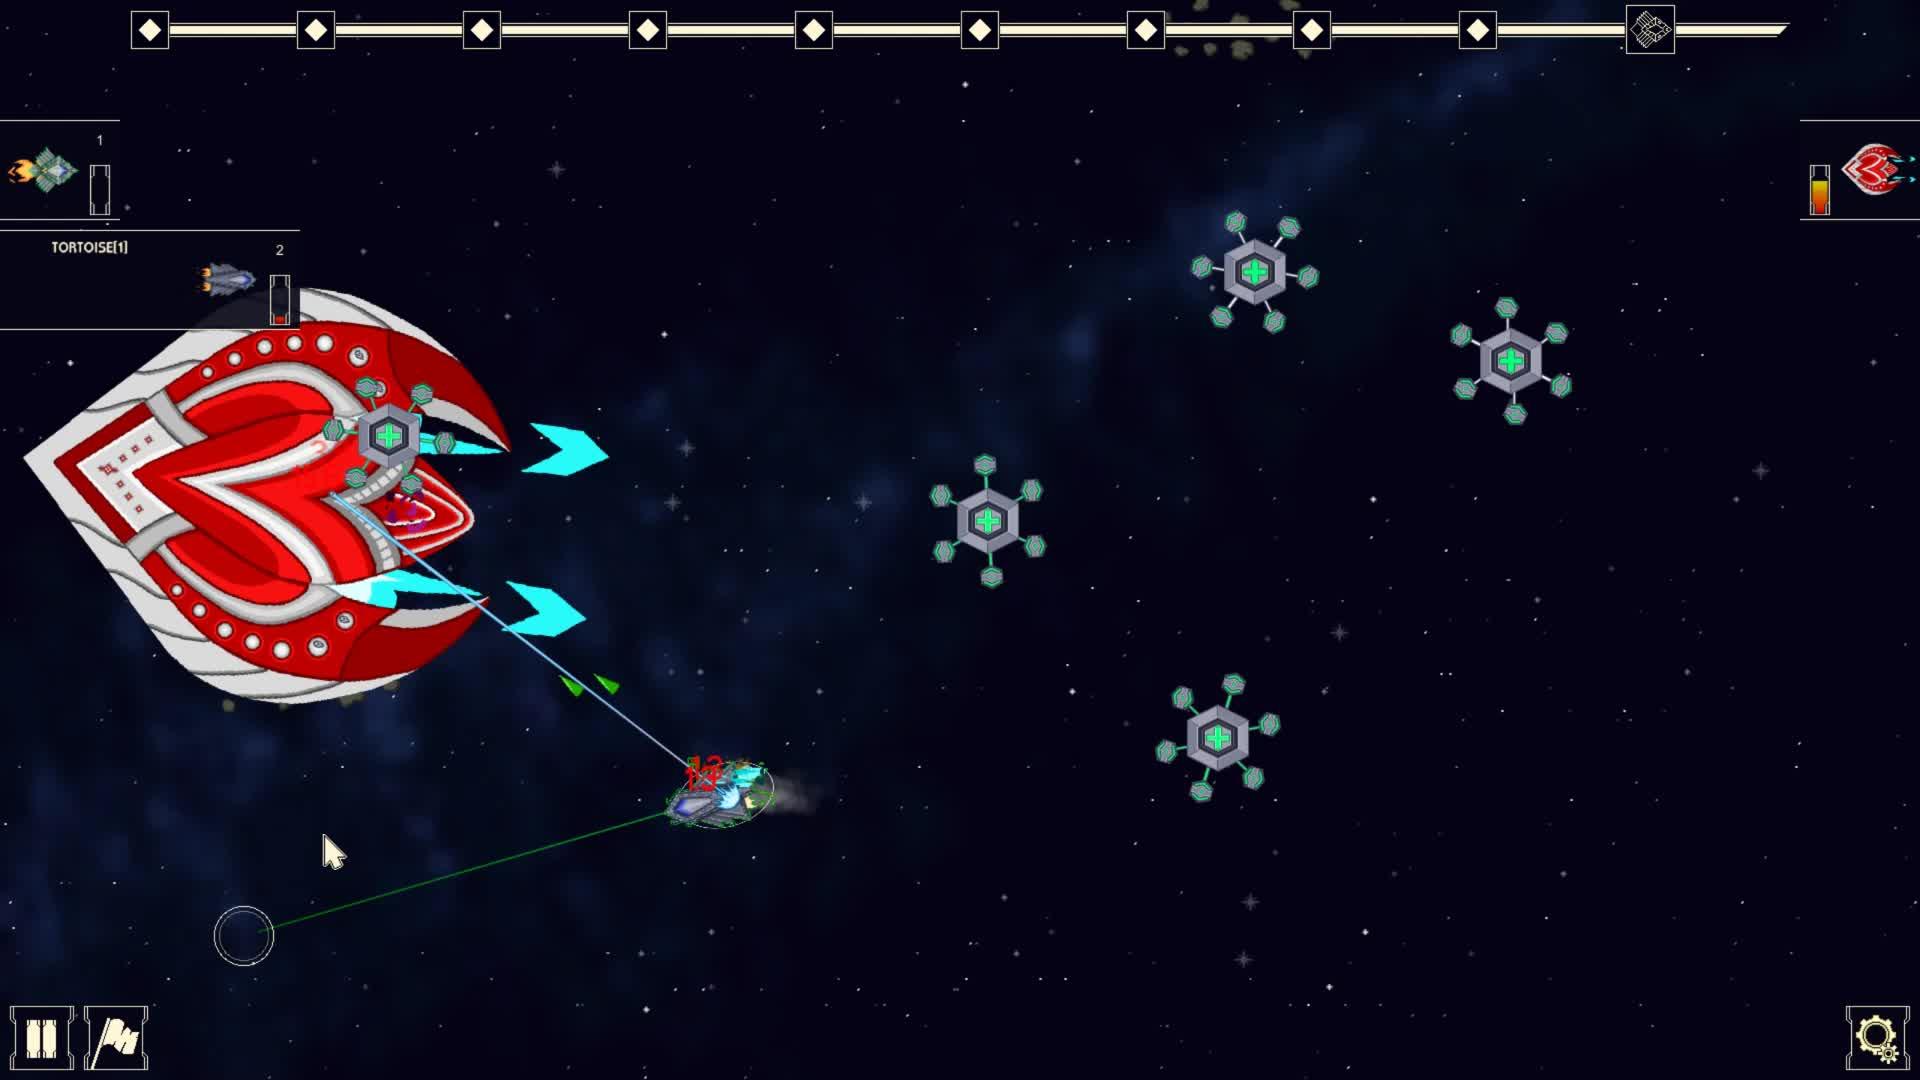 clicker, gamedev, idle game, incremental game, indie dev, lazy galaxy, Lazy Galaxy - New Death animations GIFs